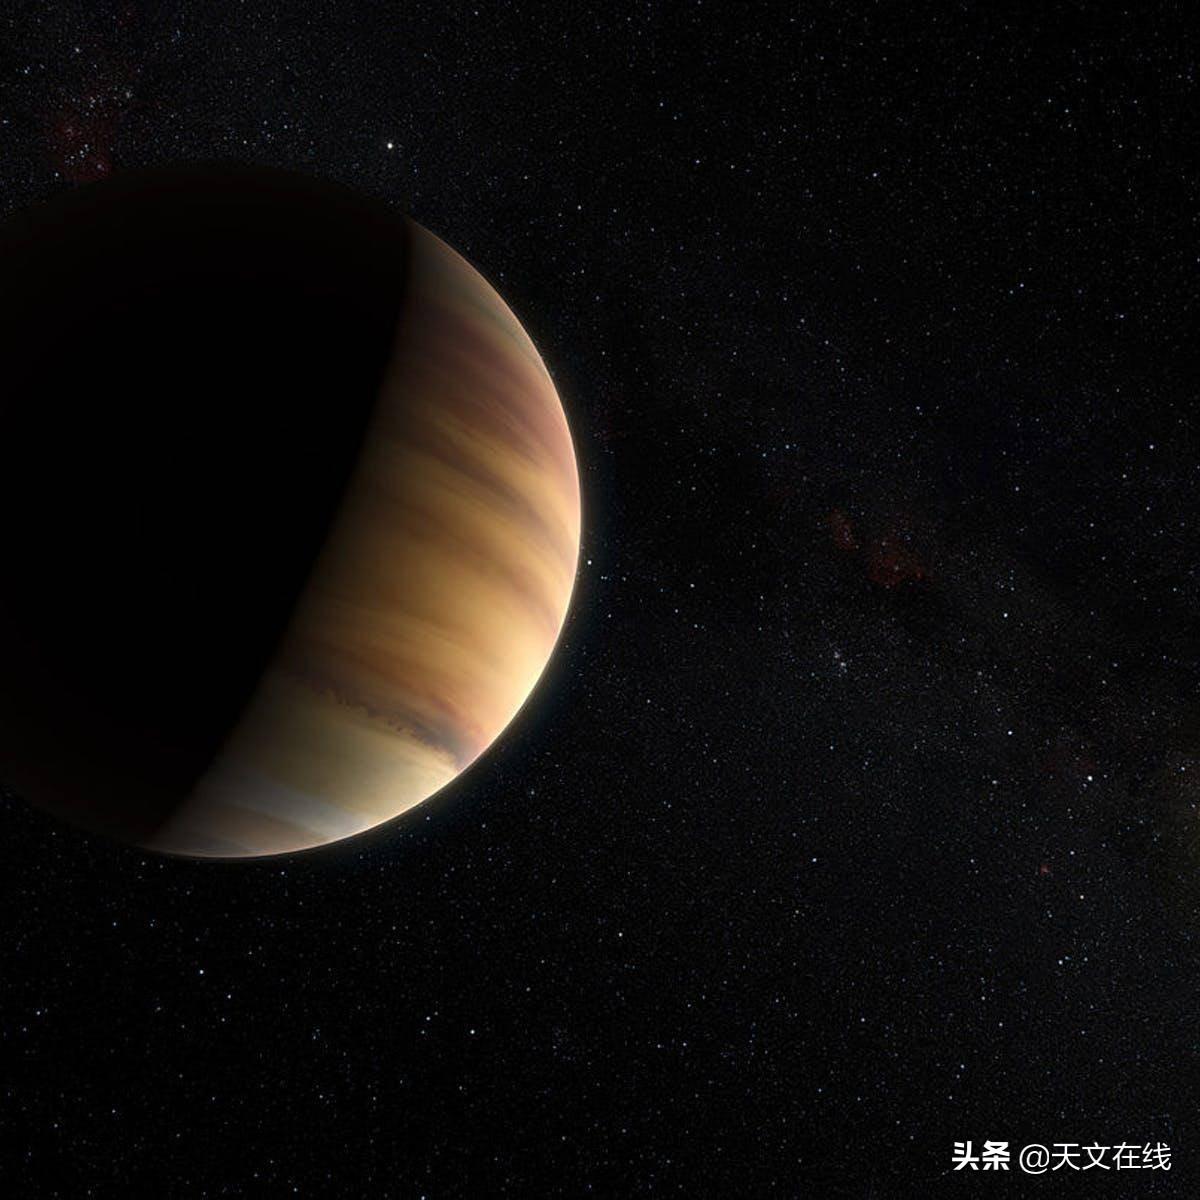 来自远方的系外行星,宇宙理论发展---2019年的诺奖很有看点